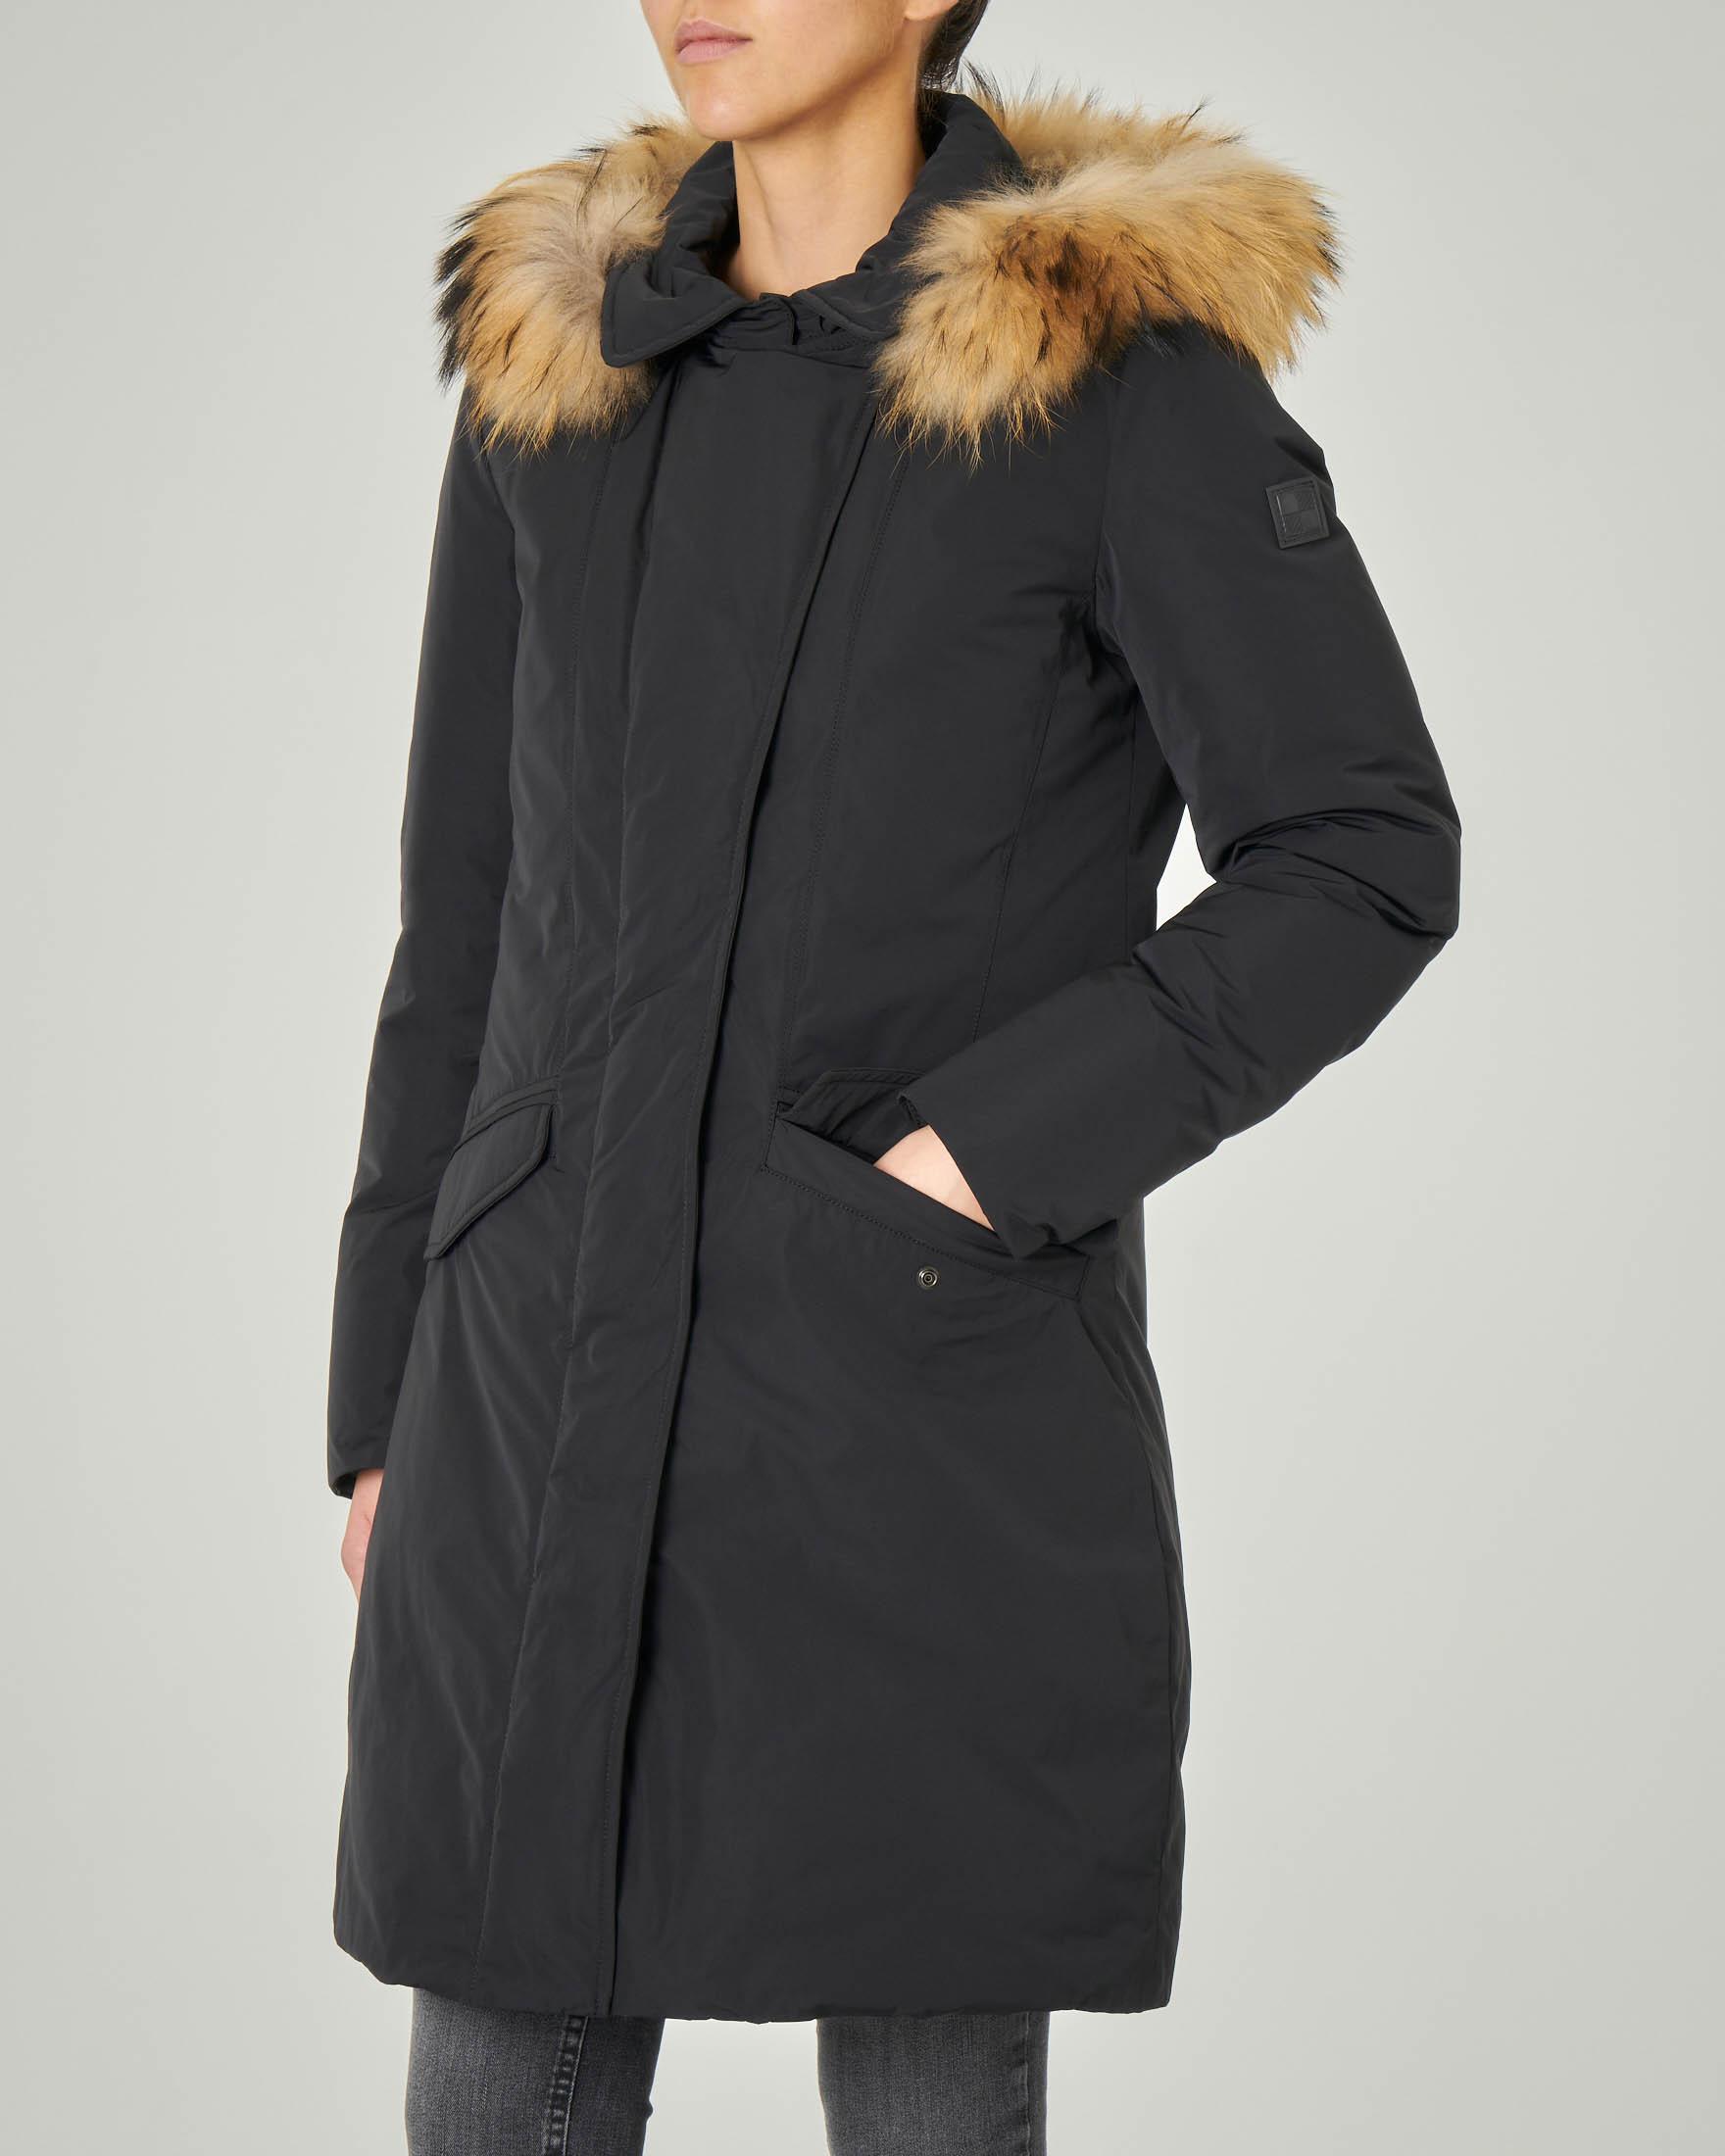 W'S Modern Vail Coat nero con cappuccio removibile con bordatura in pelliccia